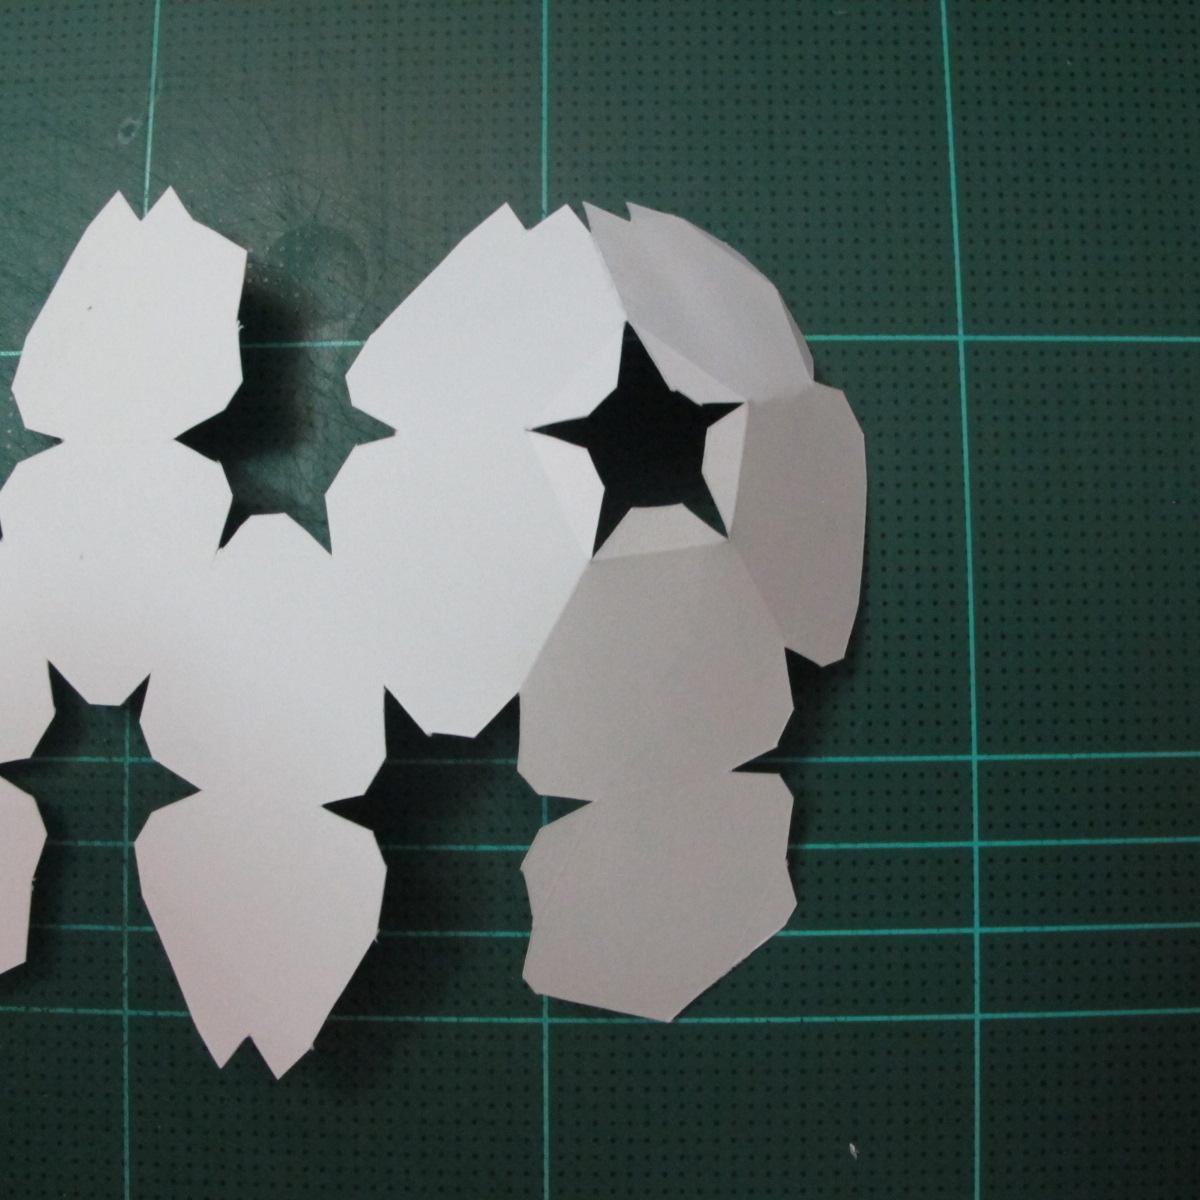 วิธีทำโมเดลกระดาษหมีบราวน์ชุดบอลโลก 2014 ทีมบราซิล (LINE Brown Bear in FIFA World Cup 2014 Brazil Jerseys Papercraft Model) 002